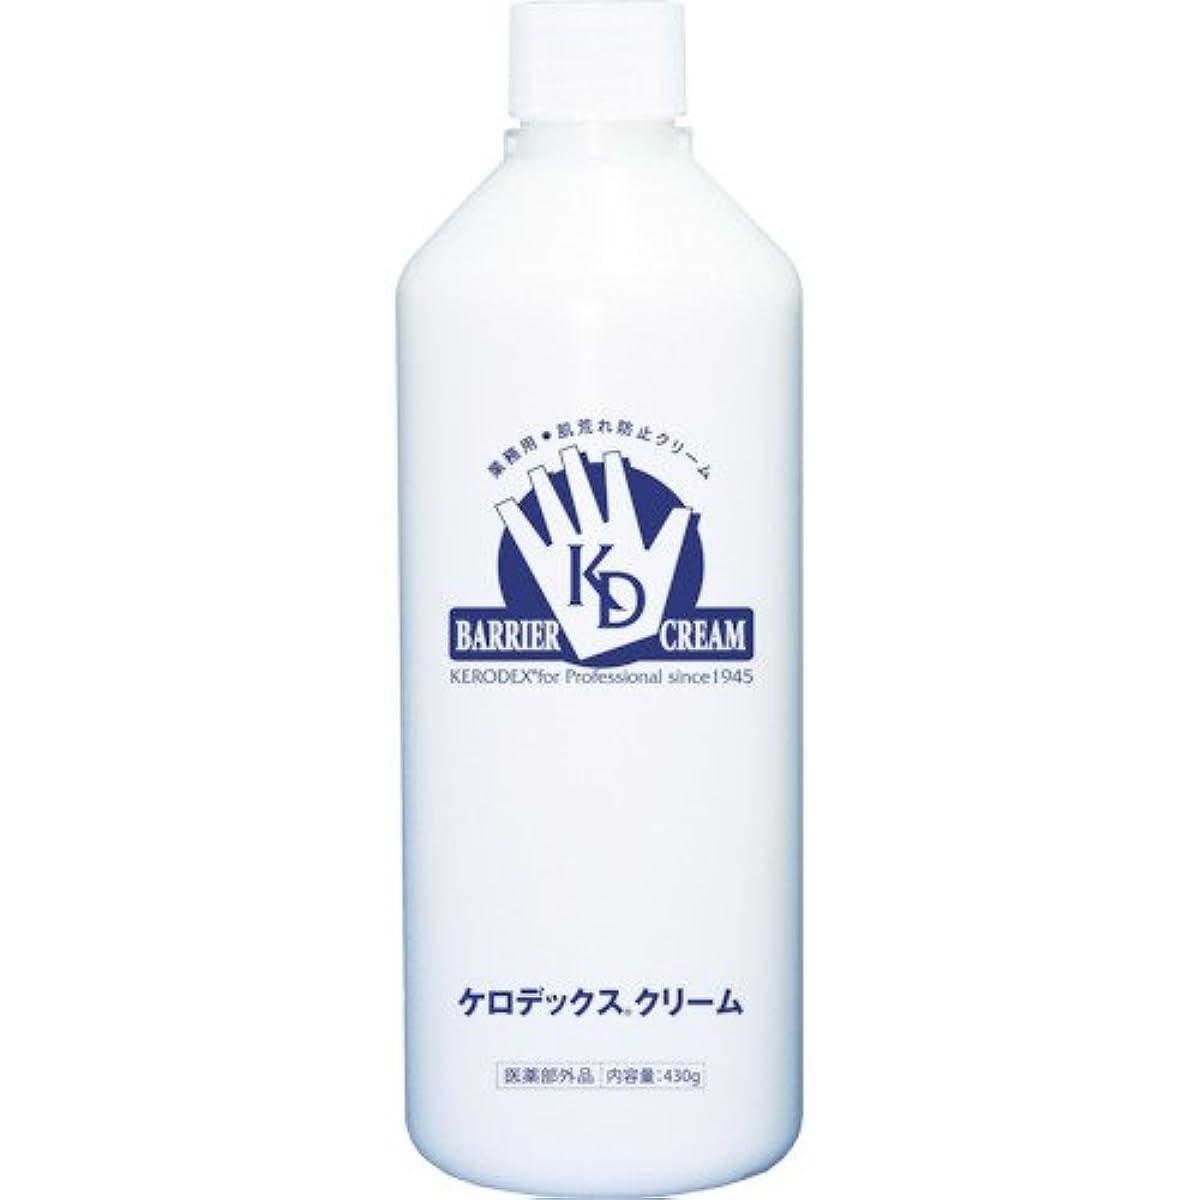 届けるレガシー大胆不敵ケロデックスクリーム ボトルタイプ 詰替用 430g